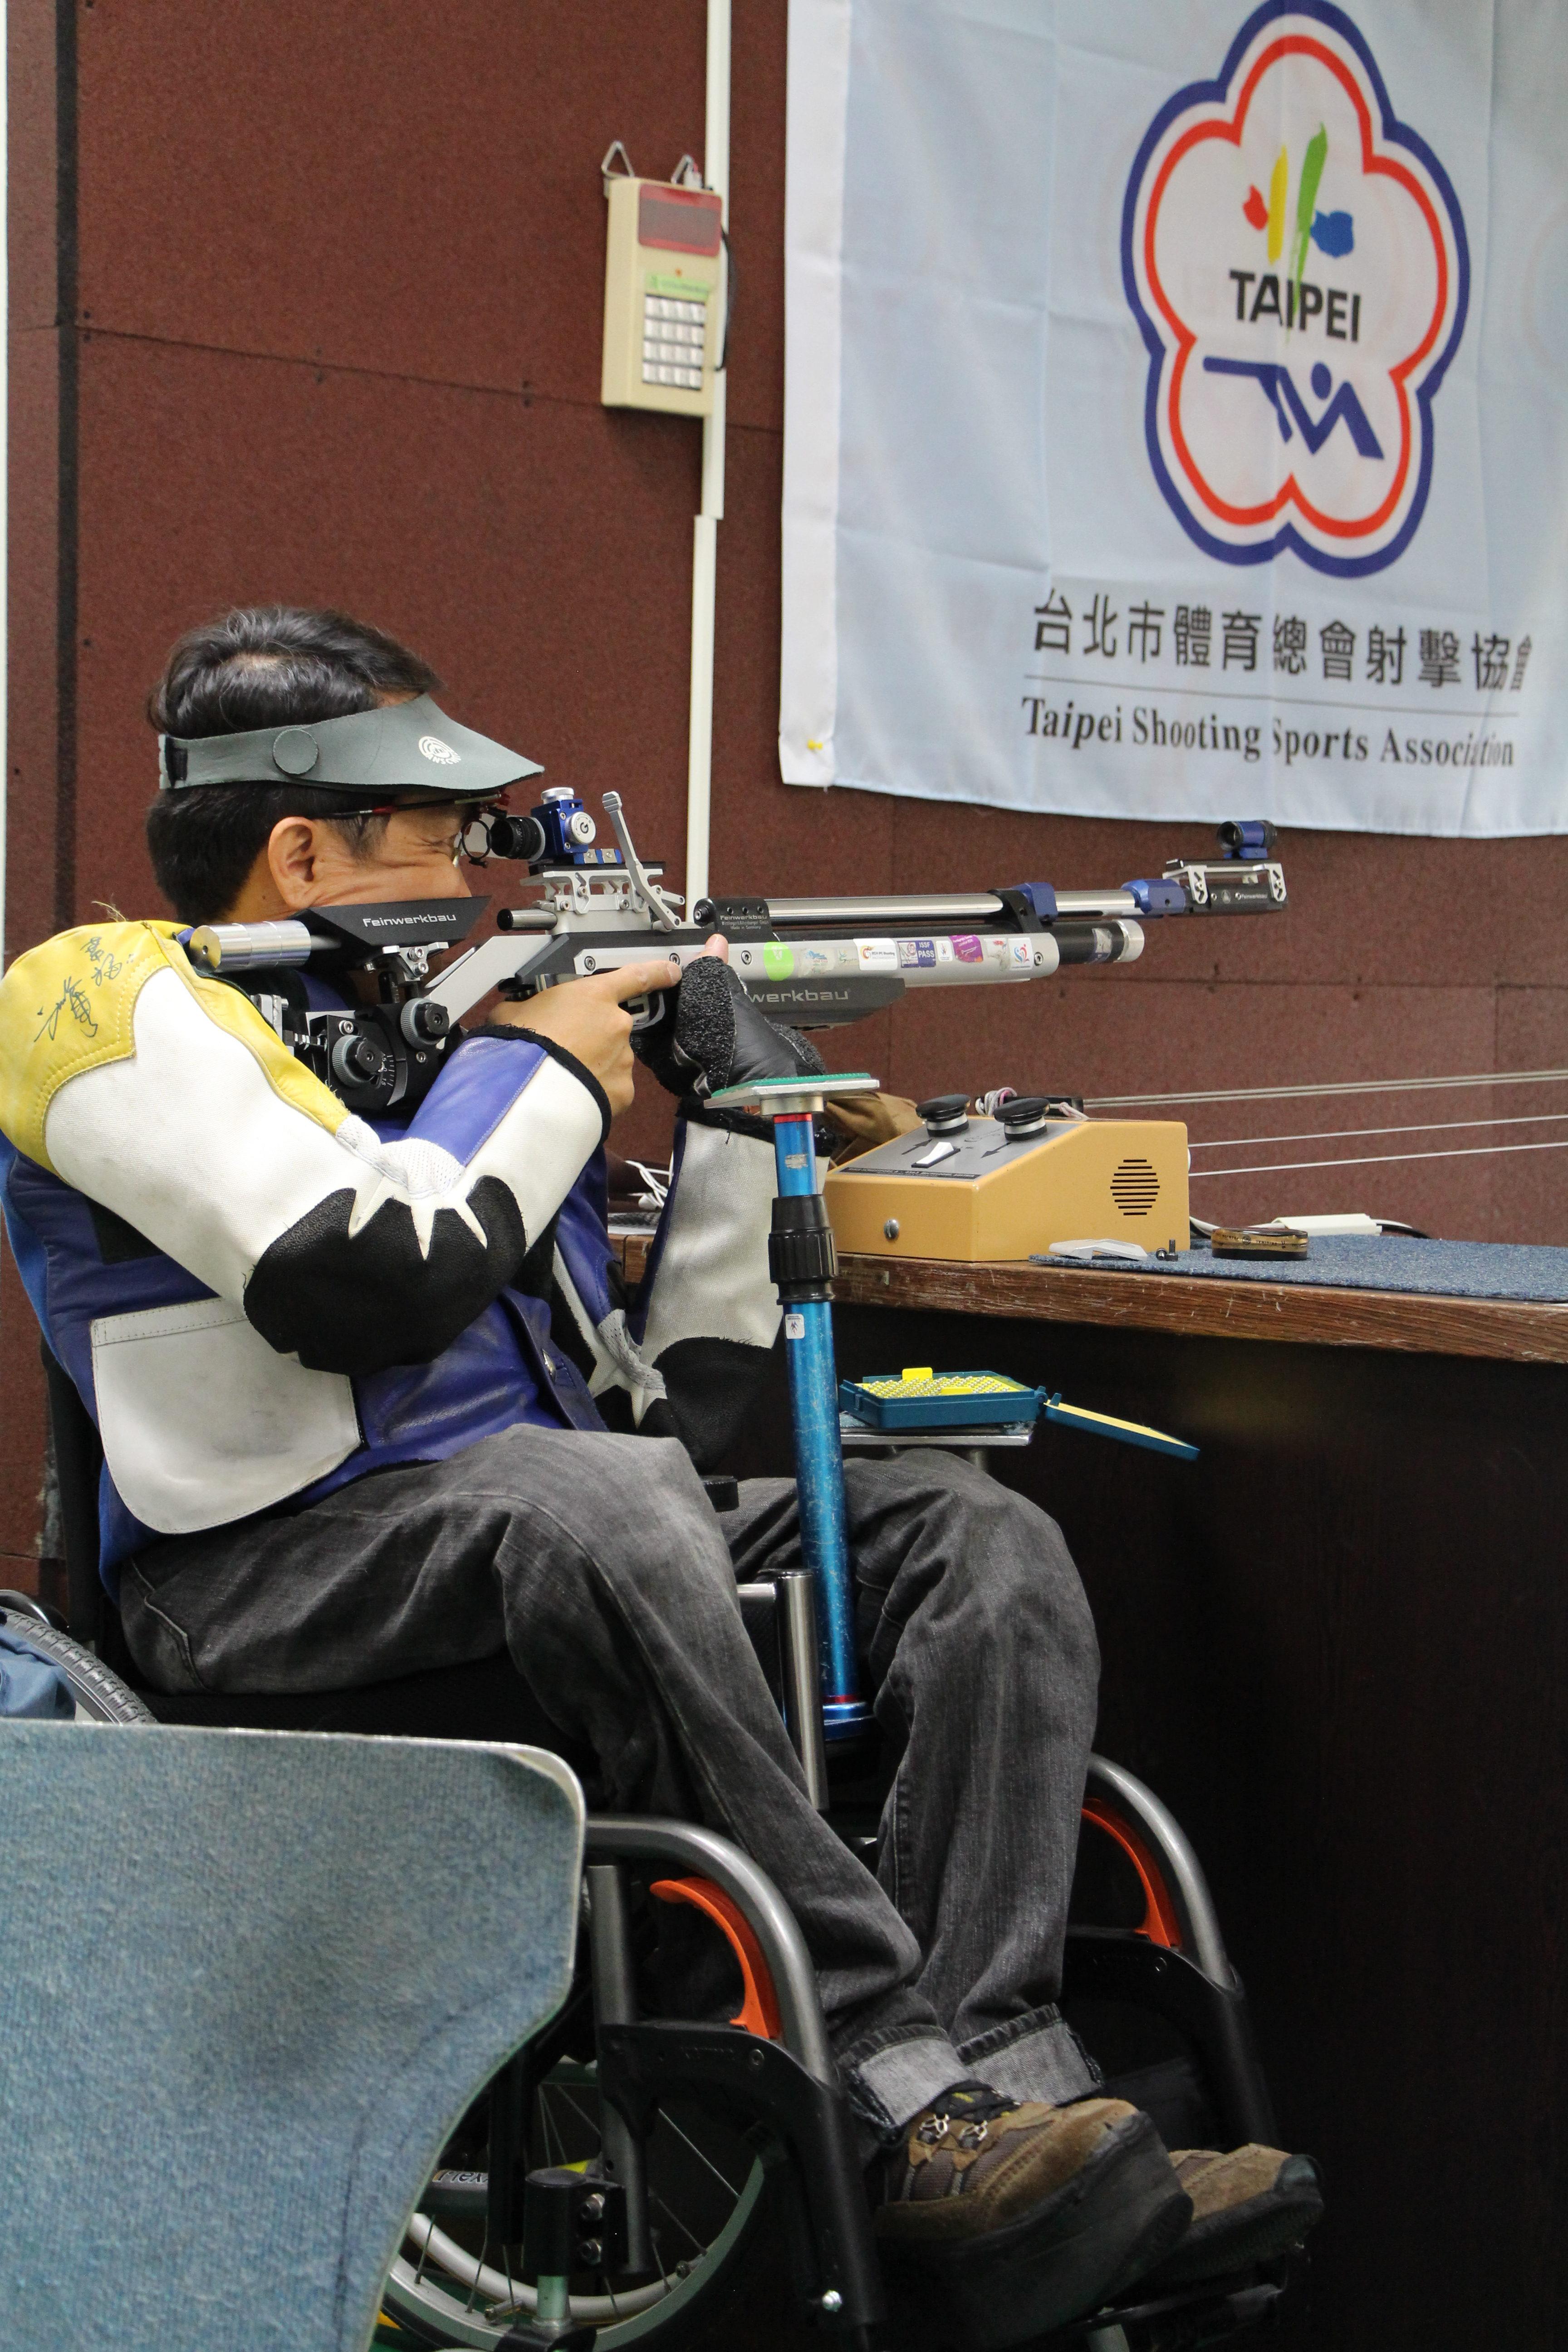 新增槍枝將提升選手權益,使其擁有更趨完善的訓練。攝影/黃馨毅